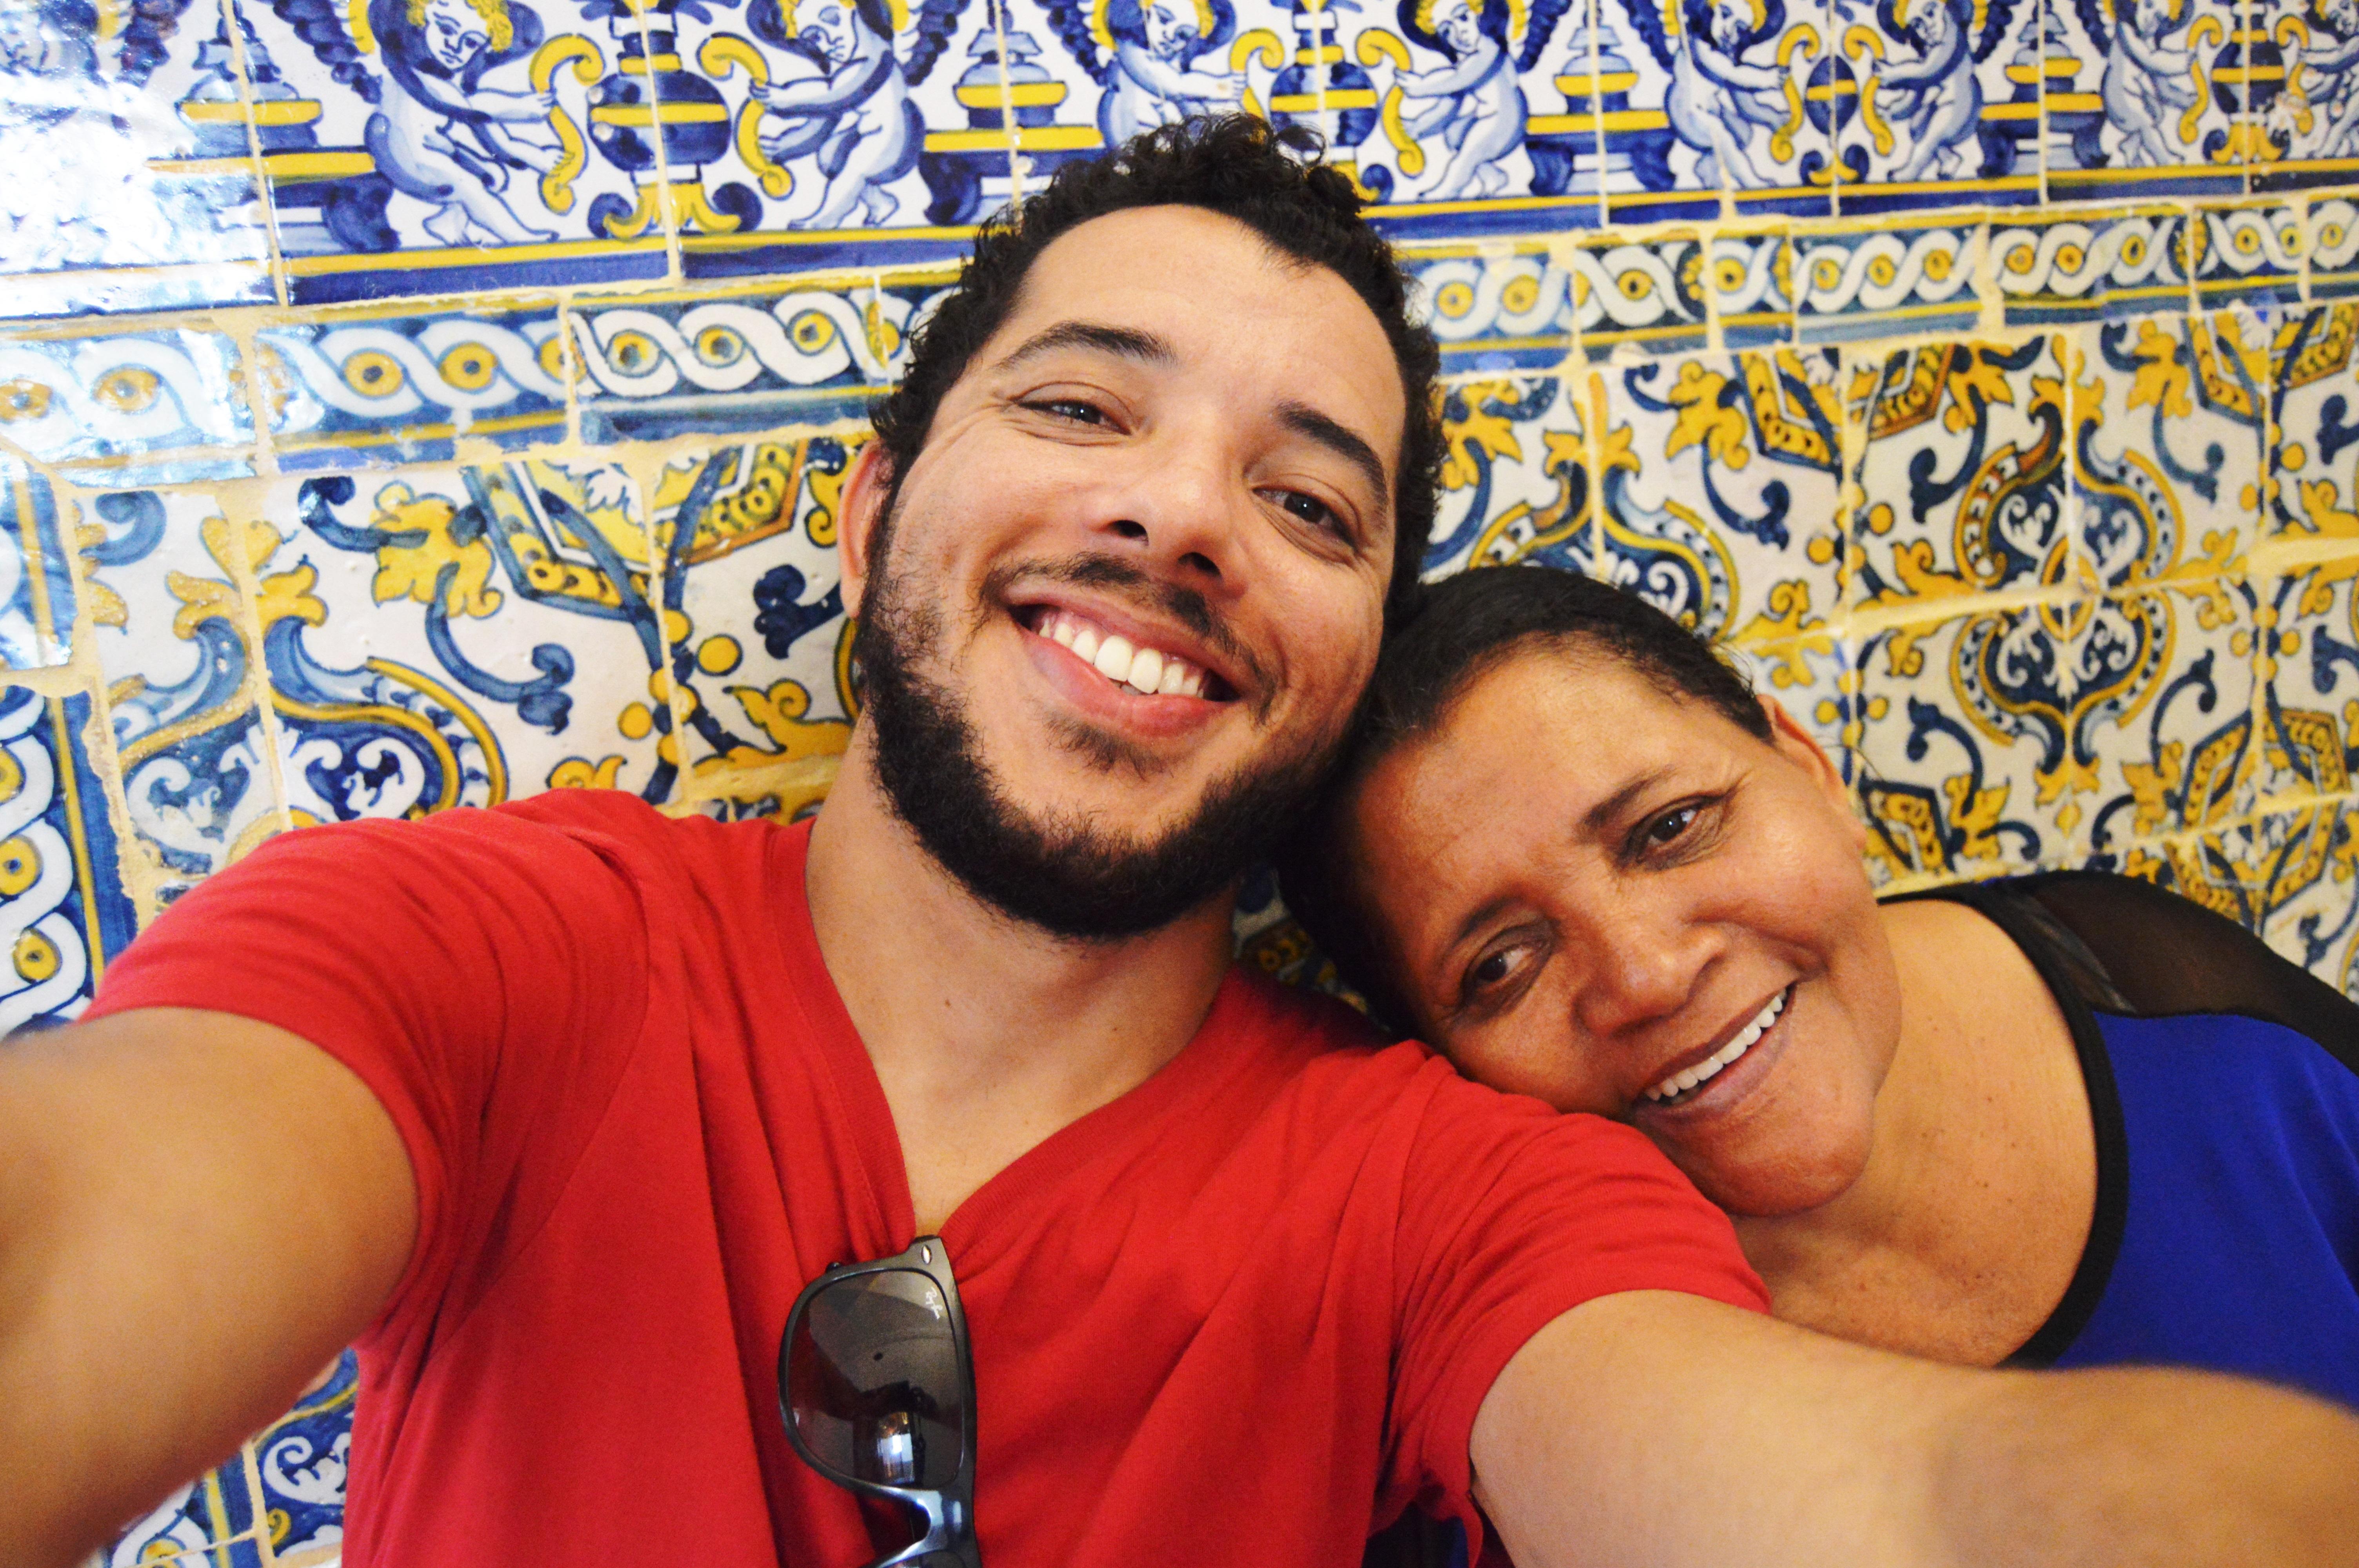 Mesmo sem saber ler, esta mãe foi visitar filho em Portugal e recebeu lindo presente 1